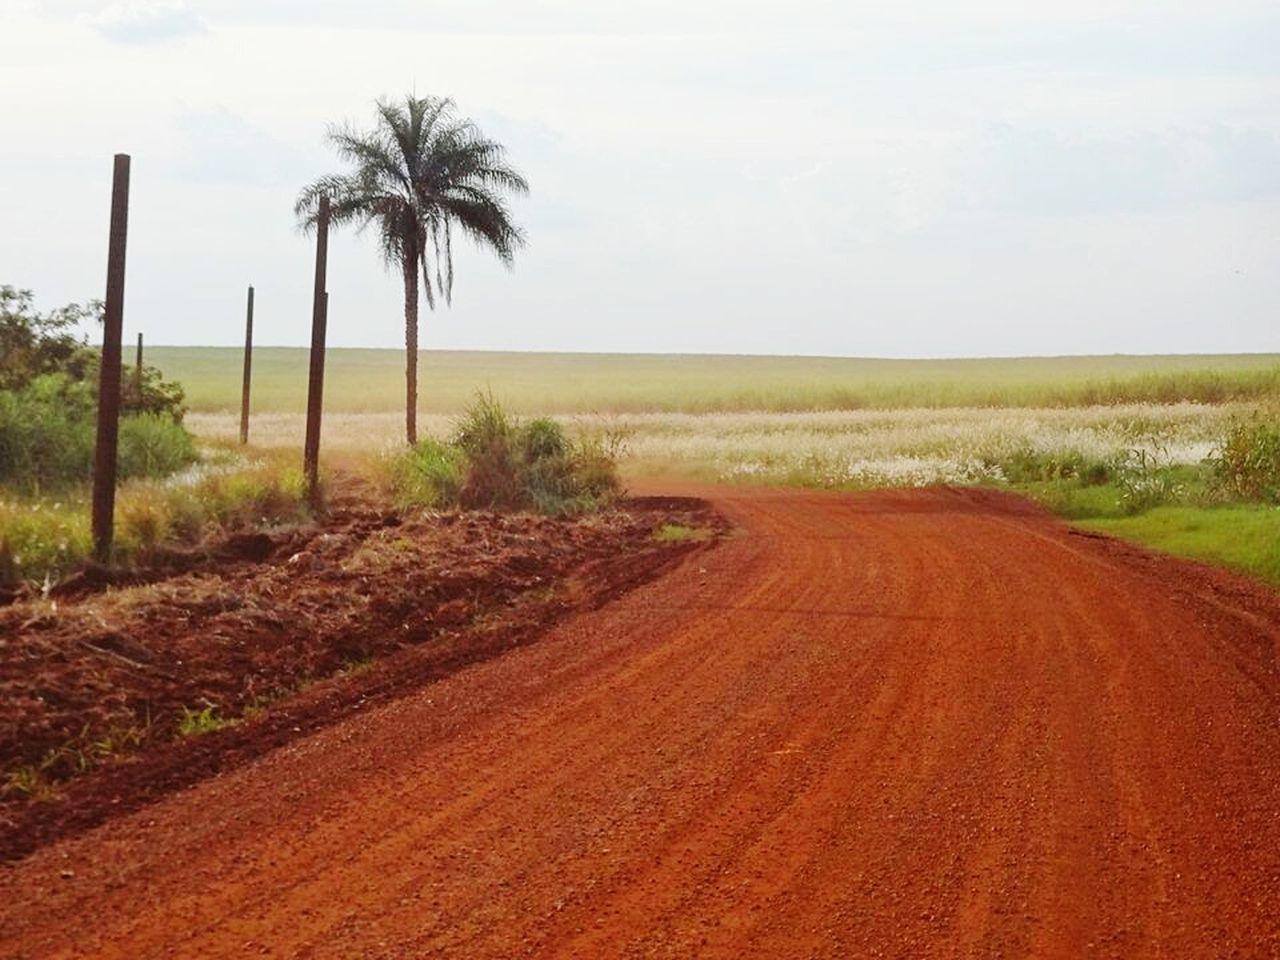 Brasil ♥ Natureza🍁 Estrada Rural Terra